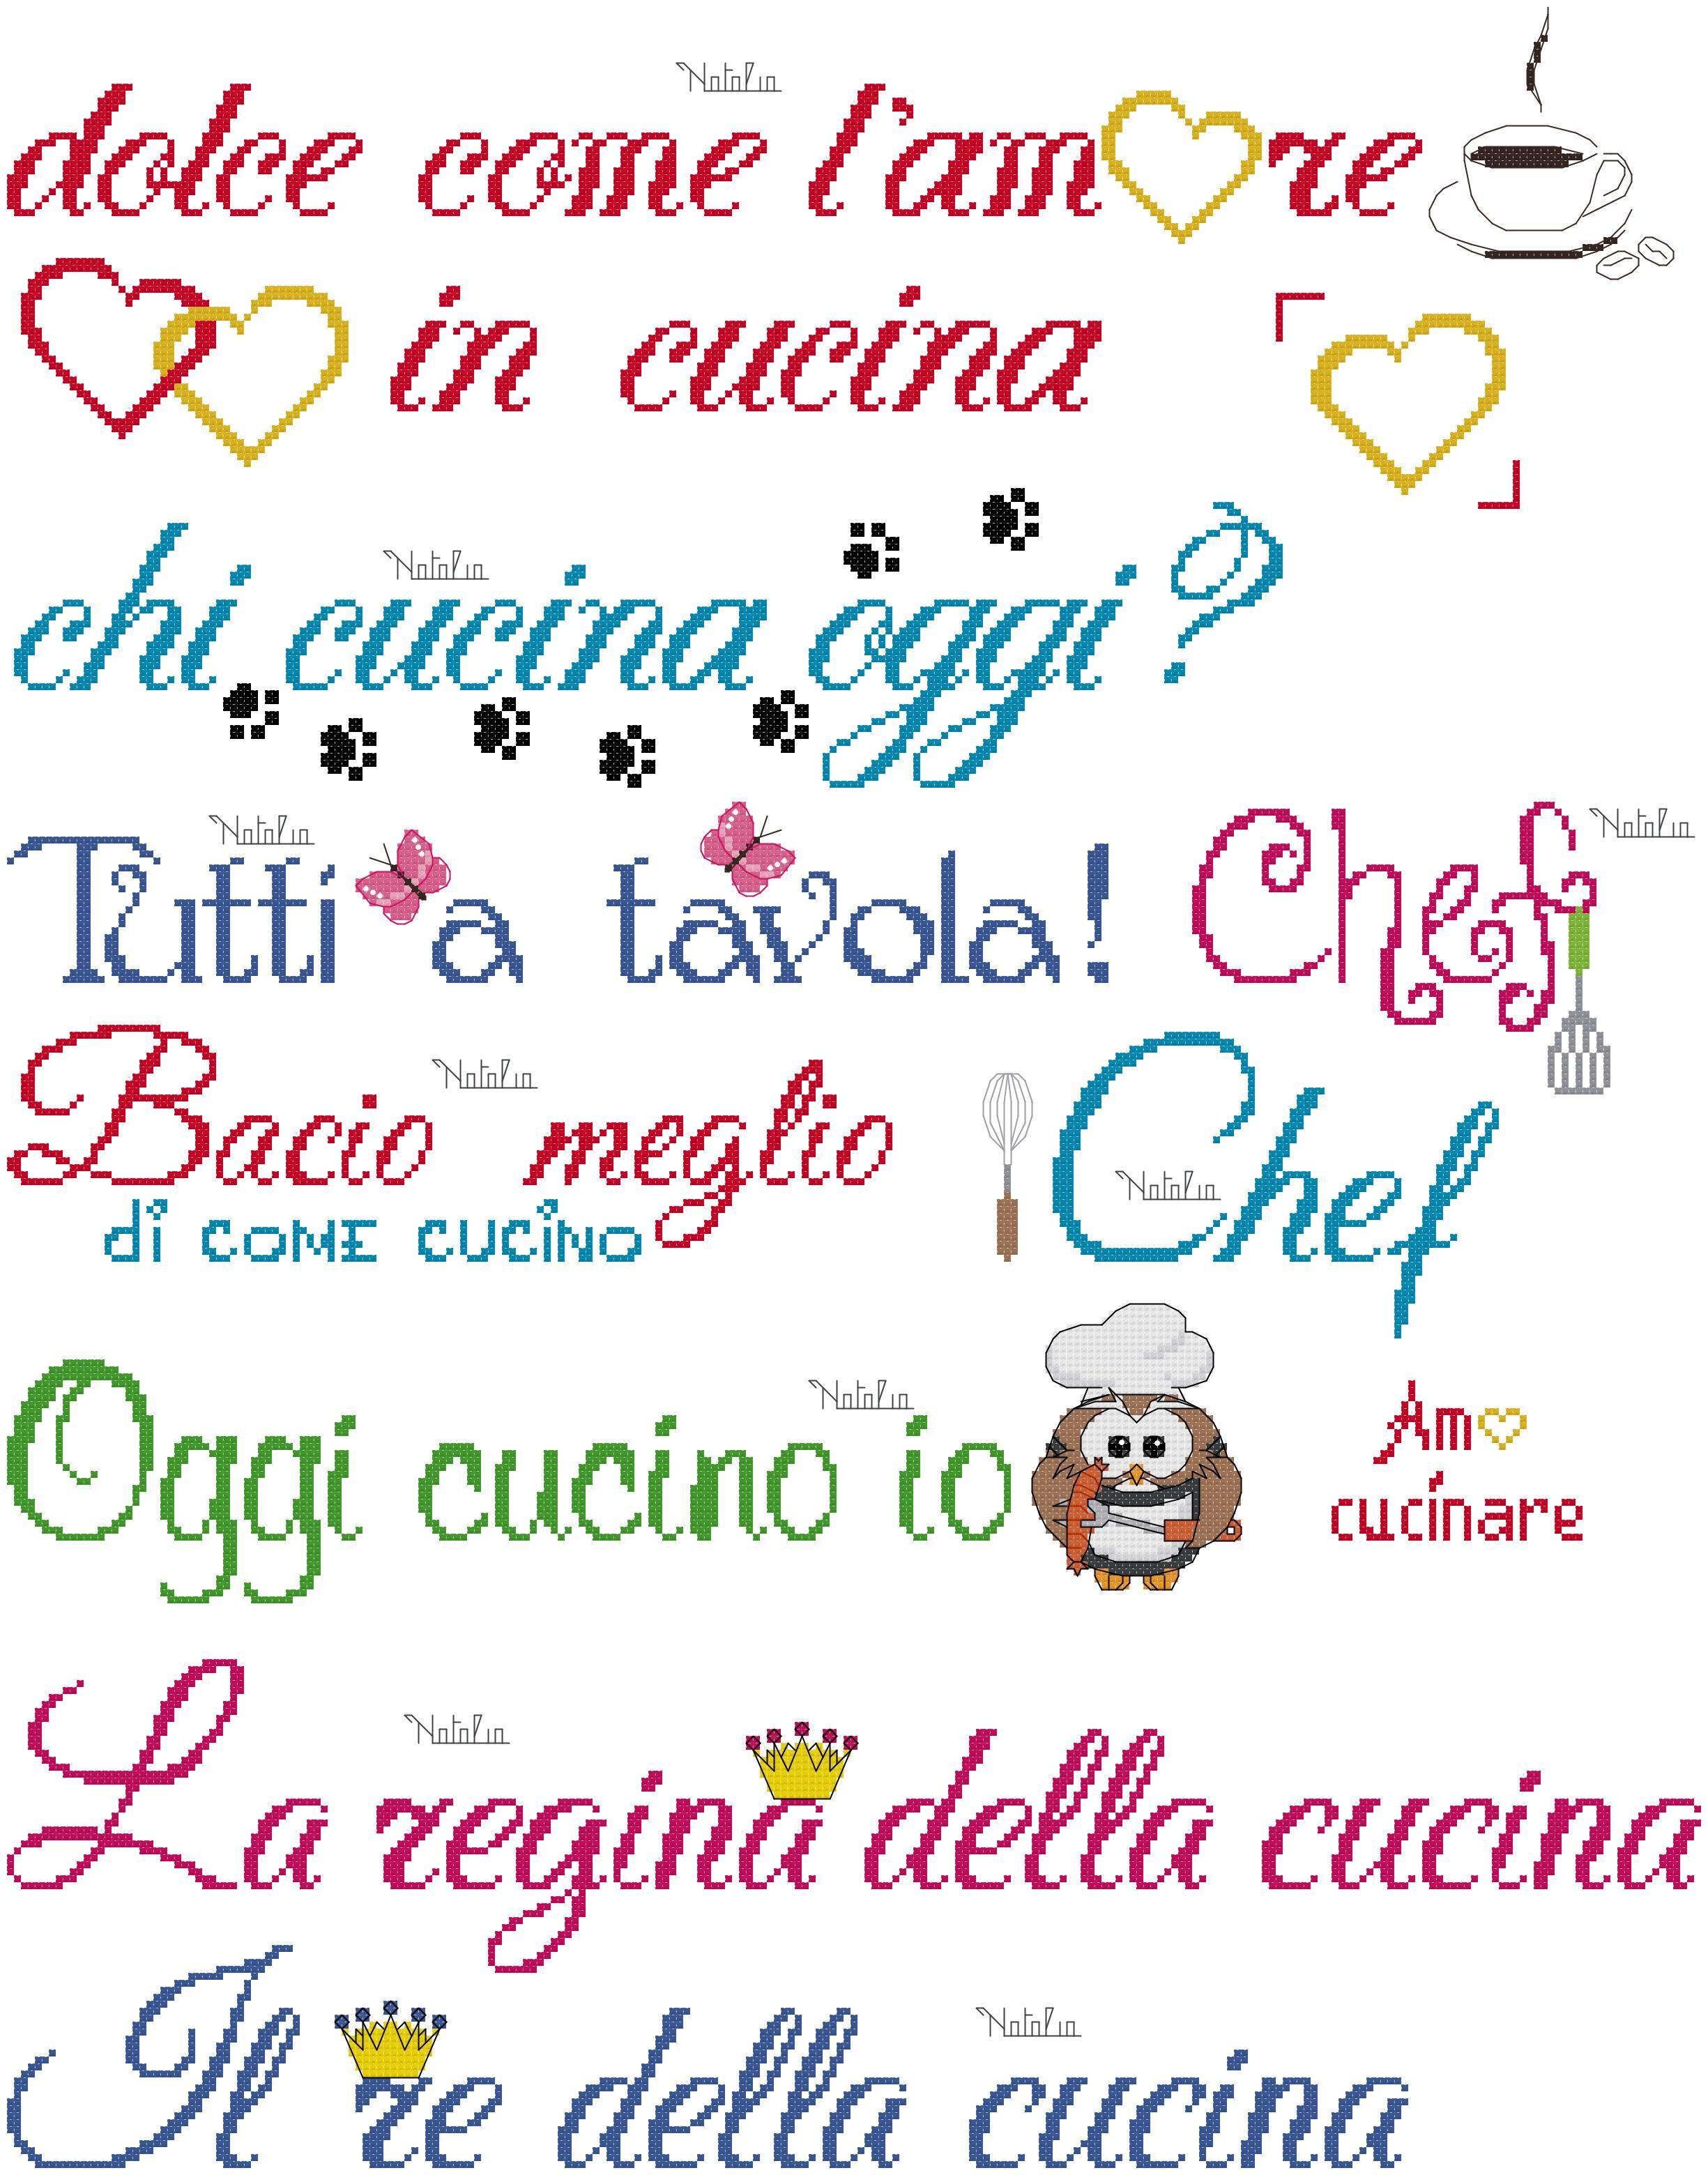 Ricami Punto Croce Per Cucina.0 11e9a1 938a6704 Orig 2 450 3 120 Pixel Cross Stitch